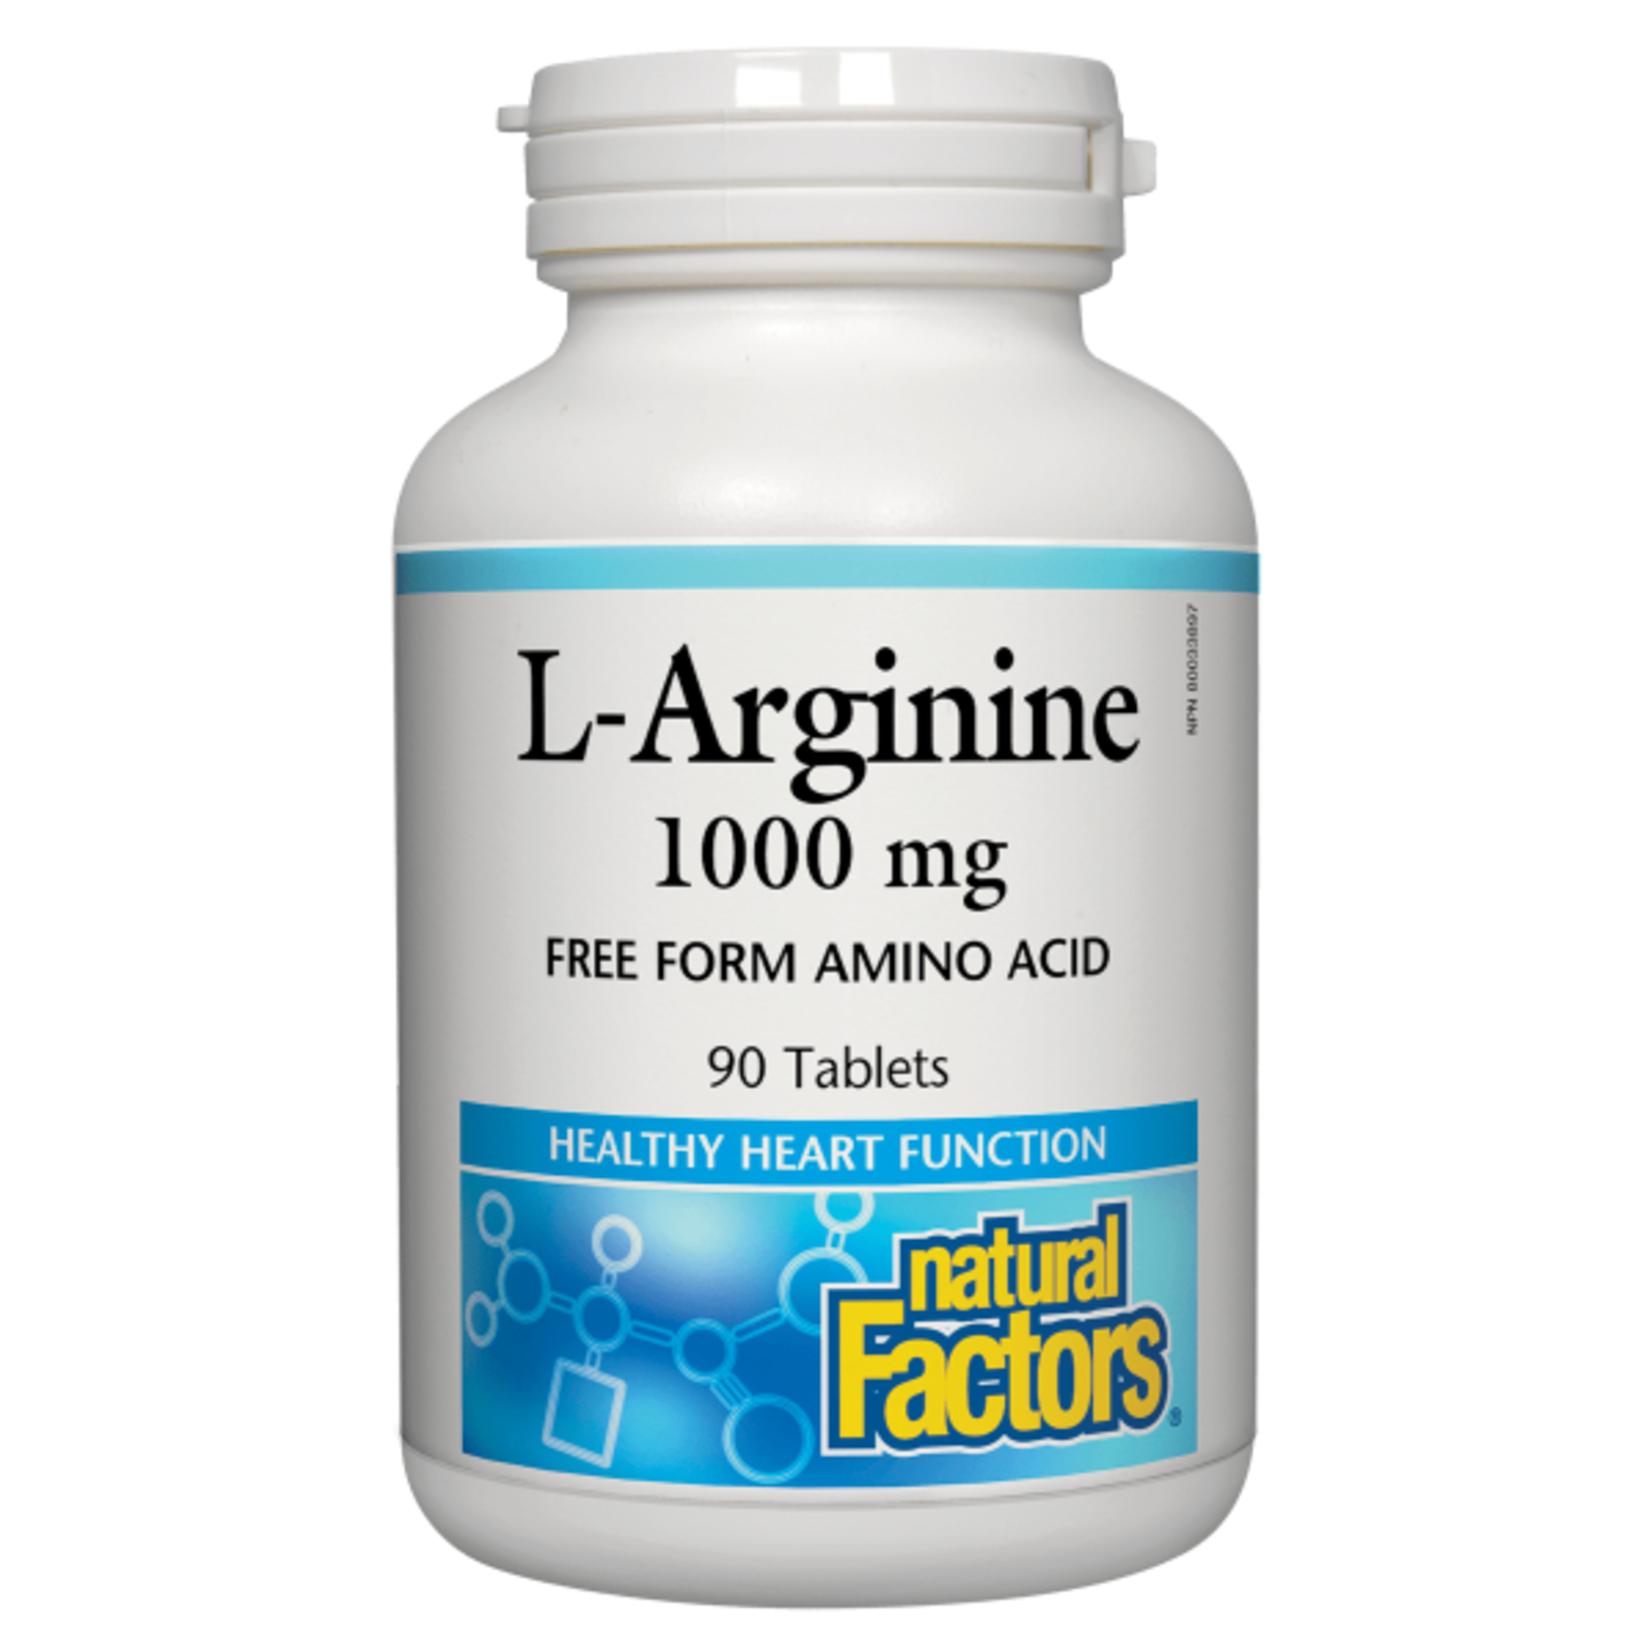 Natural Factors Natural Factors L-Arginine 1000mg 90 tabs